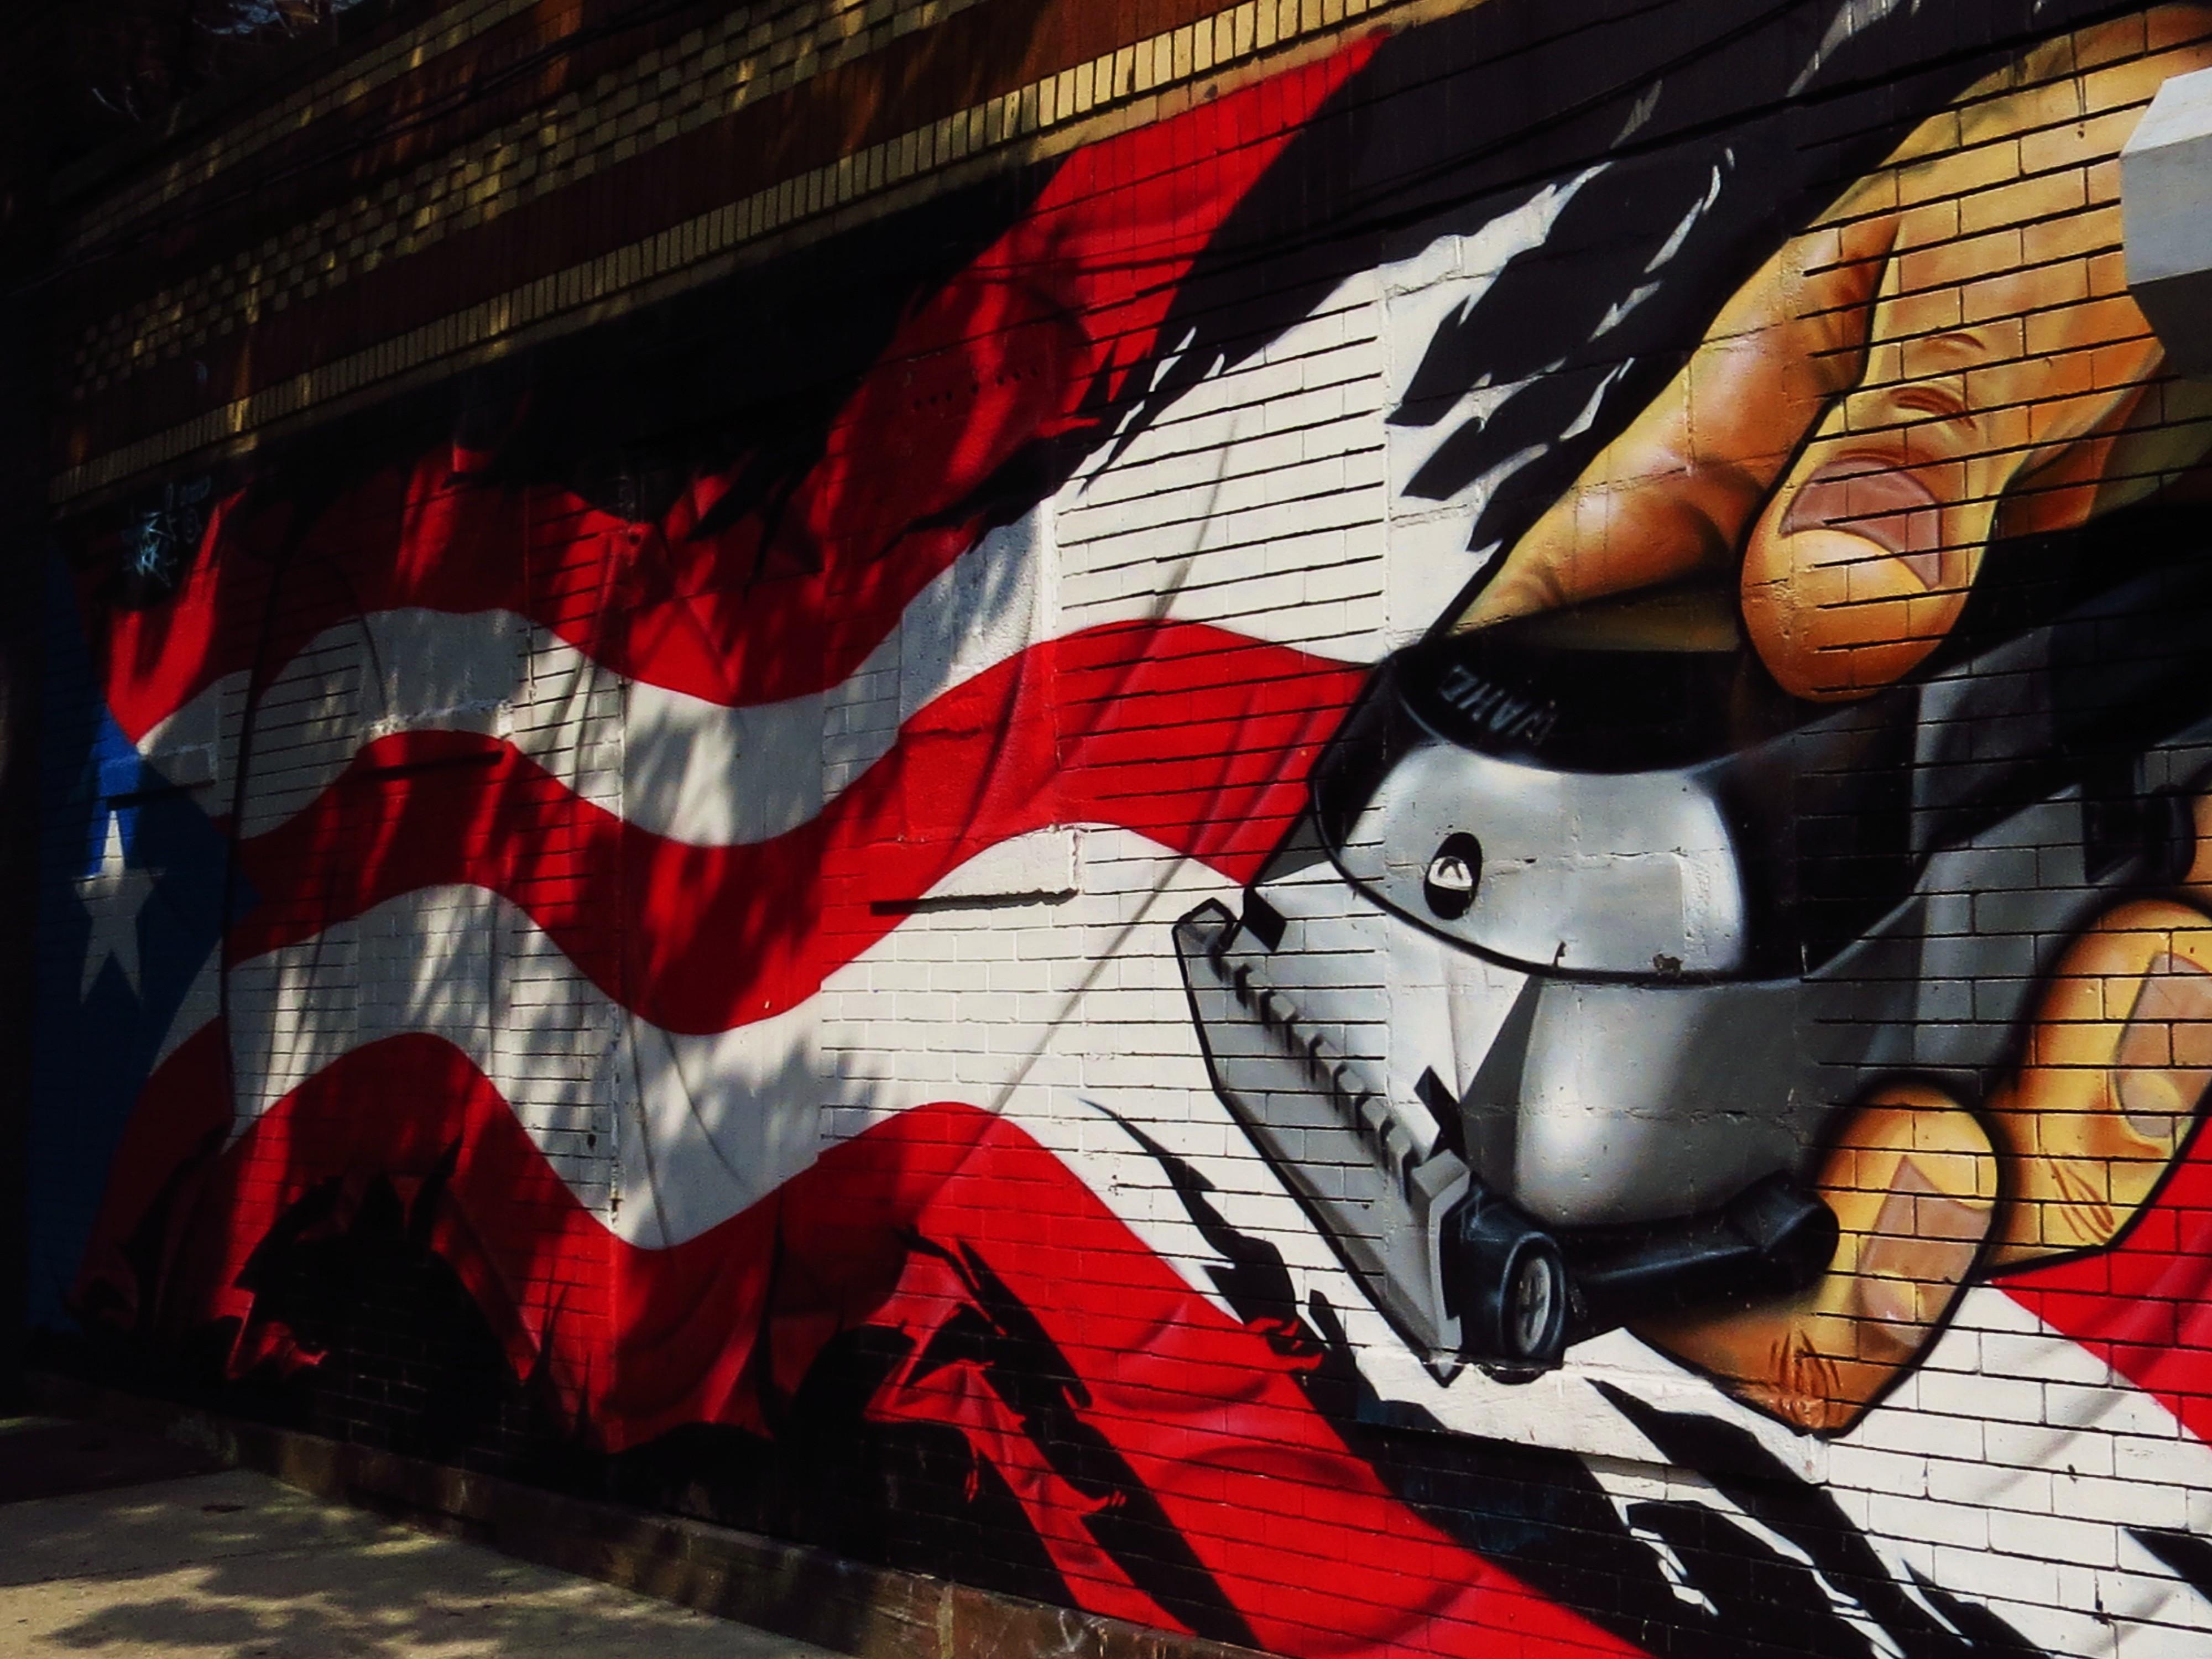 Brooklyn images mural barber shop tokidoki nomad - Mural de fotos ...